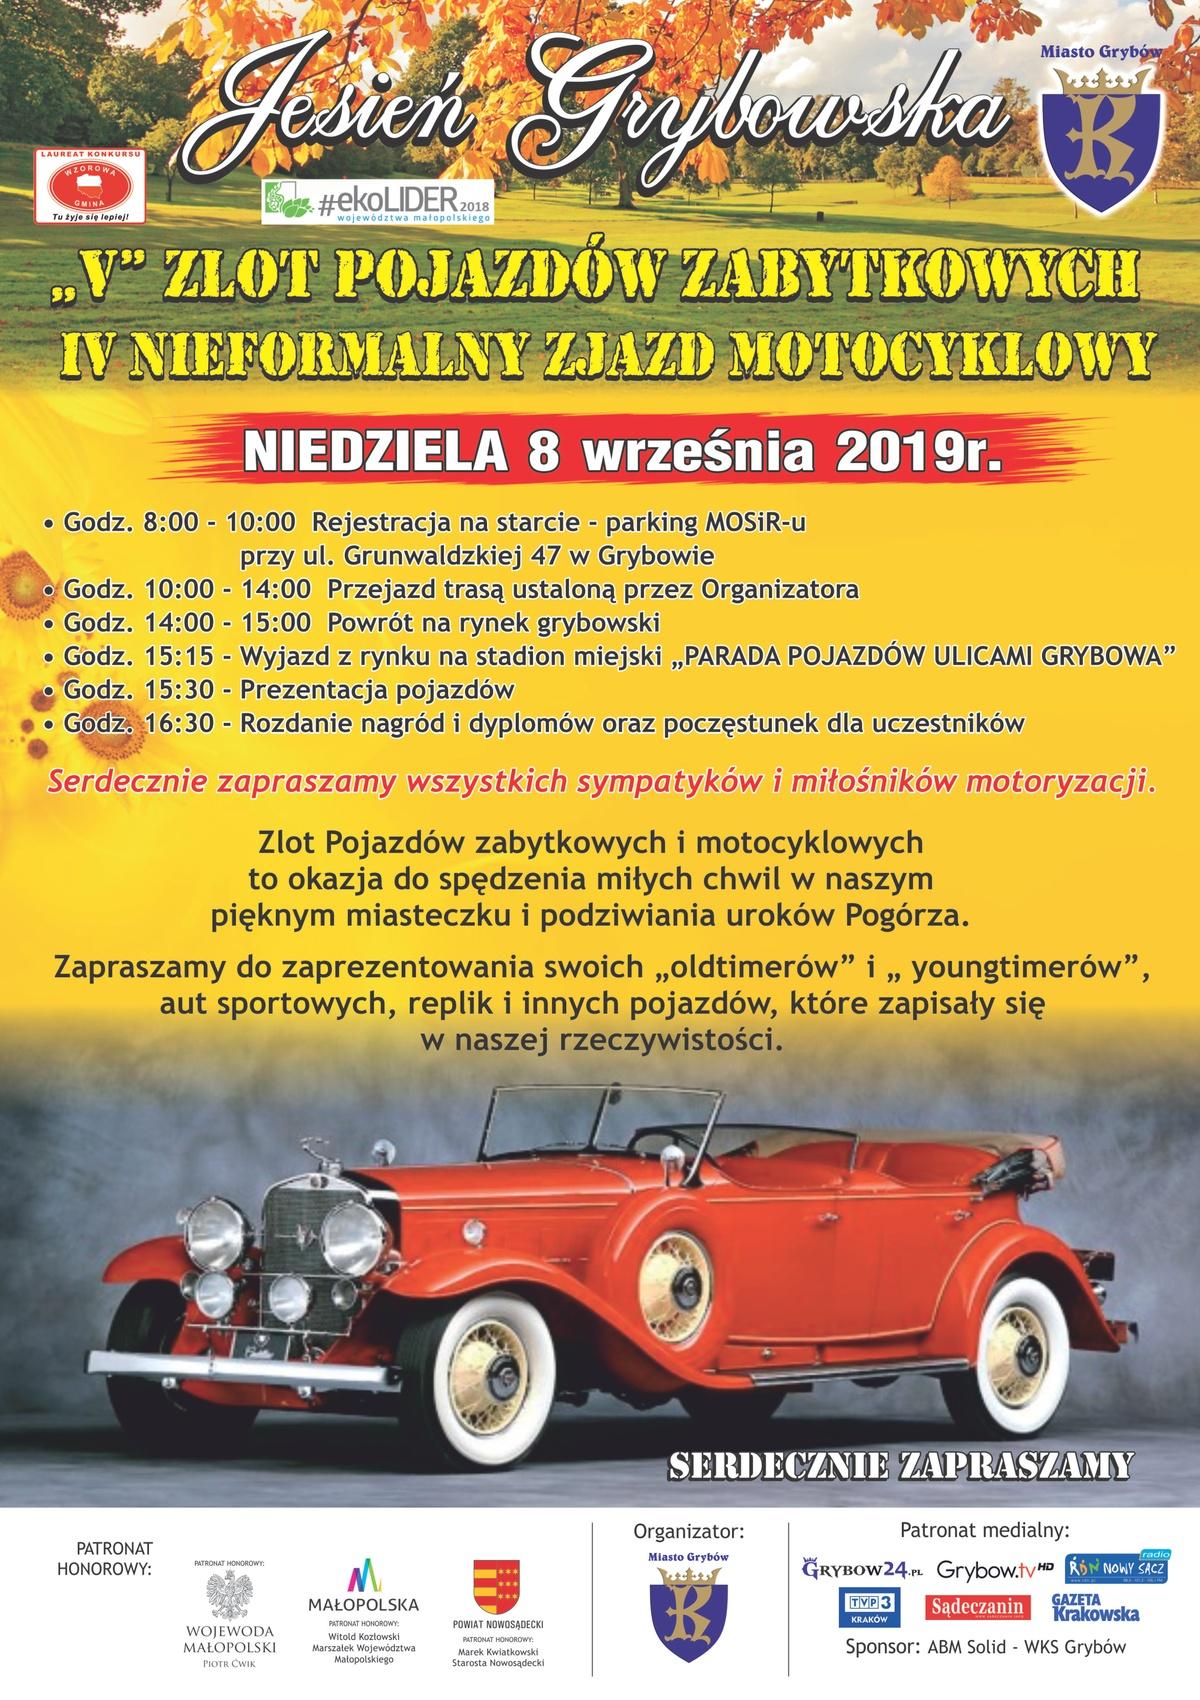 Jesień Grybowska 2019: V Zlot Pojazdów Zabytkowych orazIV Nieformalny Zjazd Motocyklowy